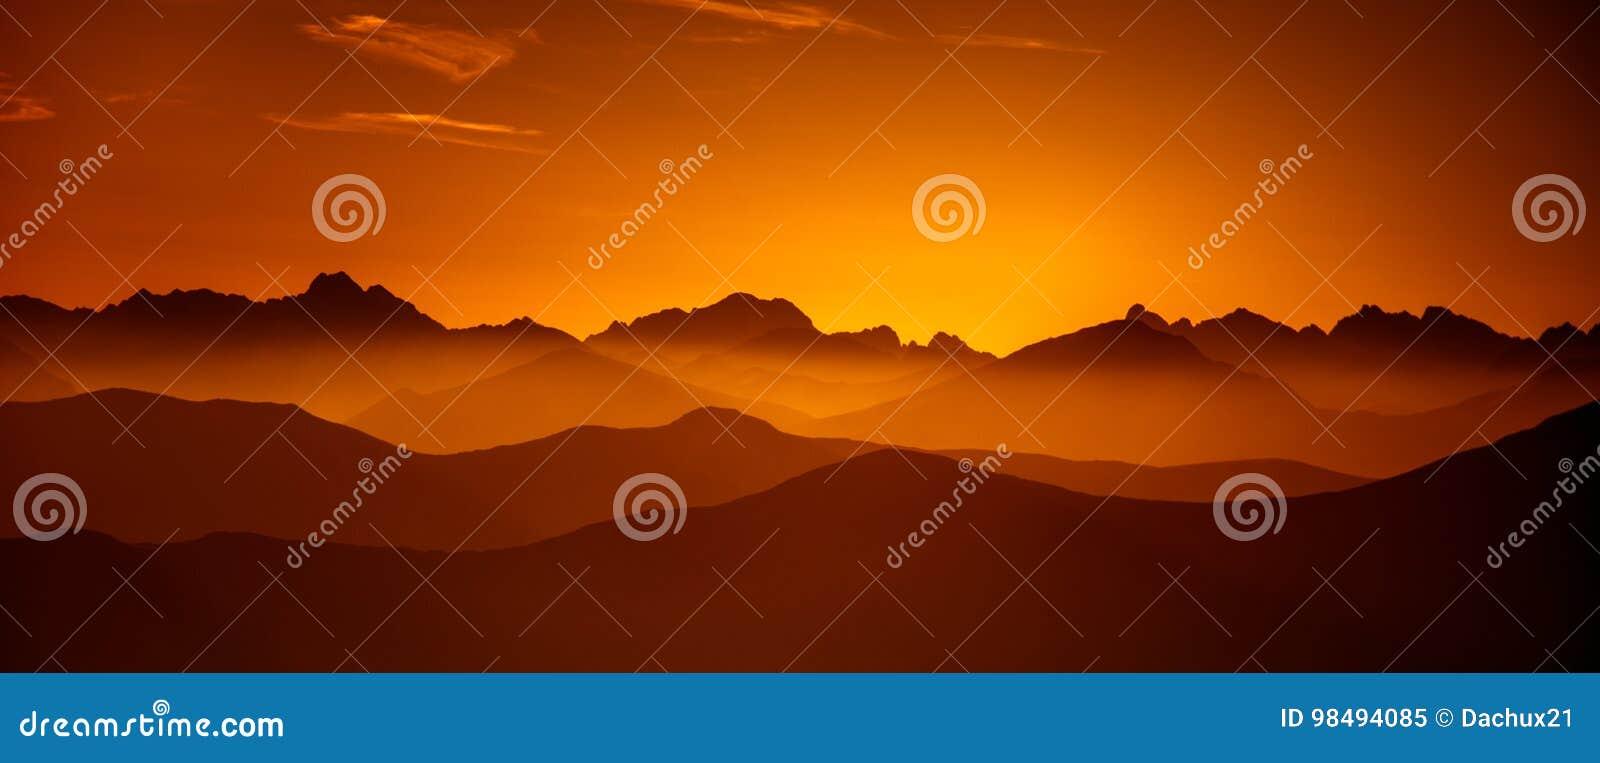 Μια όμορφη άποψη προοπτικής επάνω από τα βουνά με μια κλίση